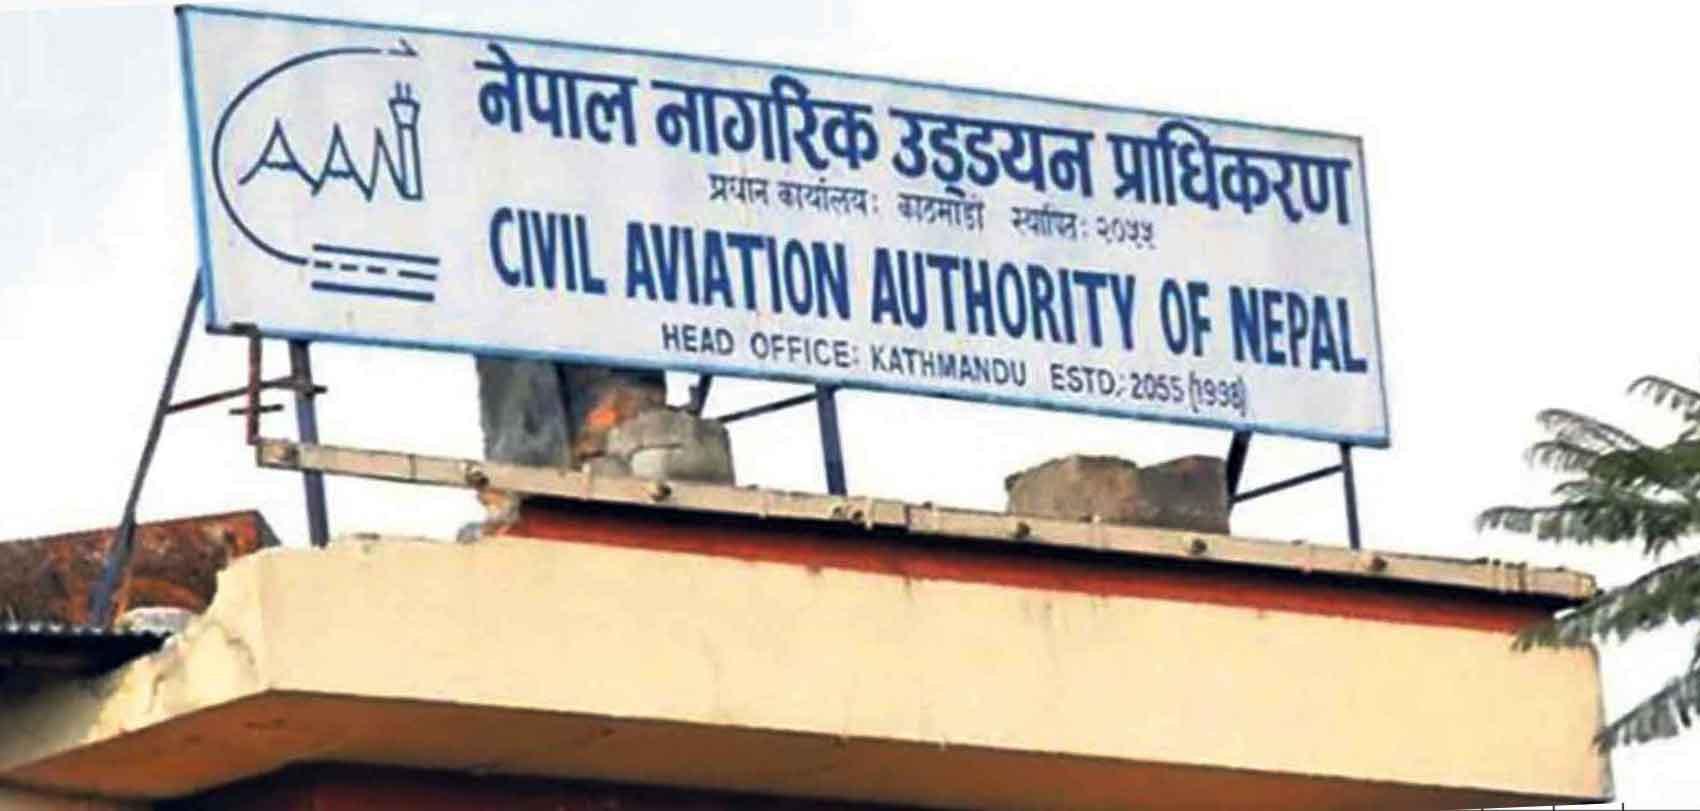 नागरिक उड्डयन प्राधिकरणमा ठूलो संख्यामा कर्मचारी माग